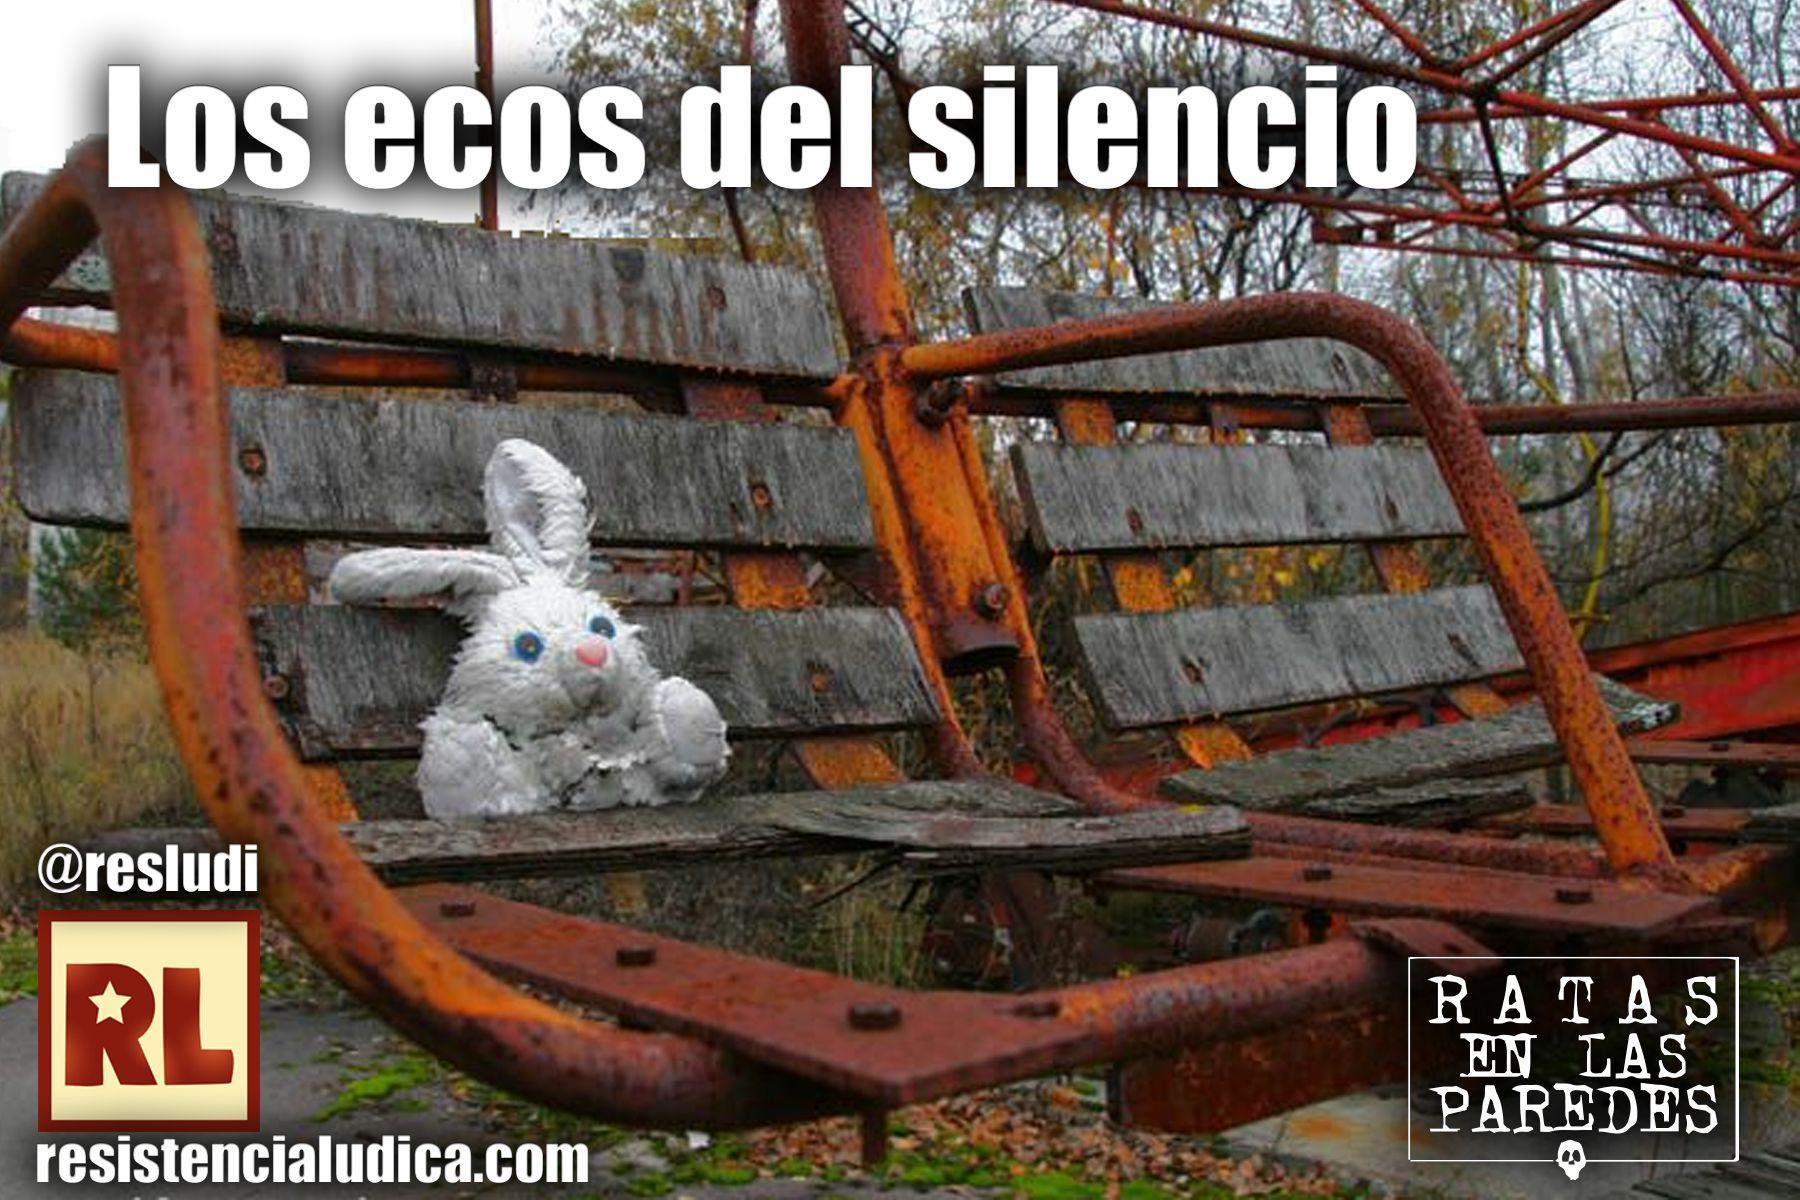 Rol - Los ecos del silencio (Ratas en las paredes) RL